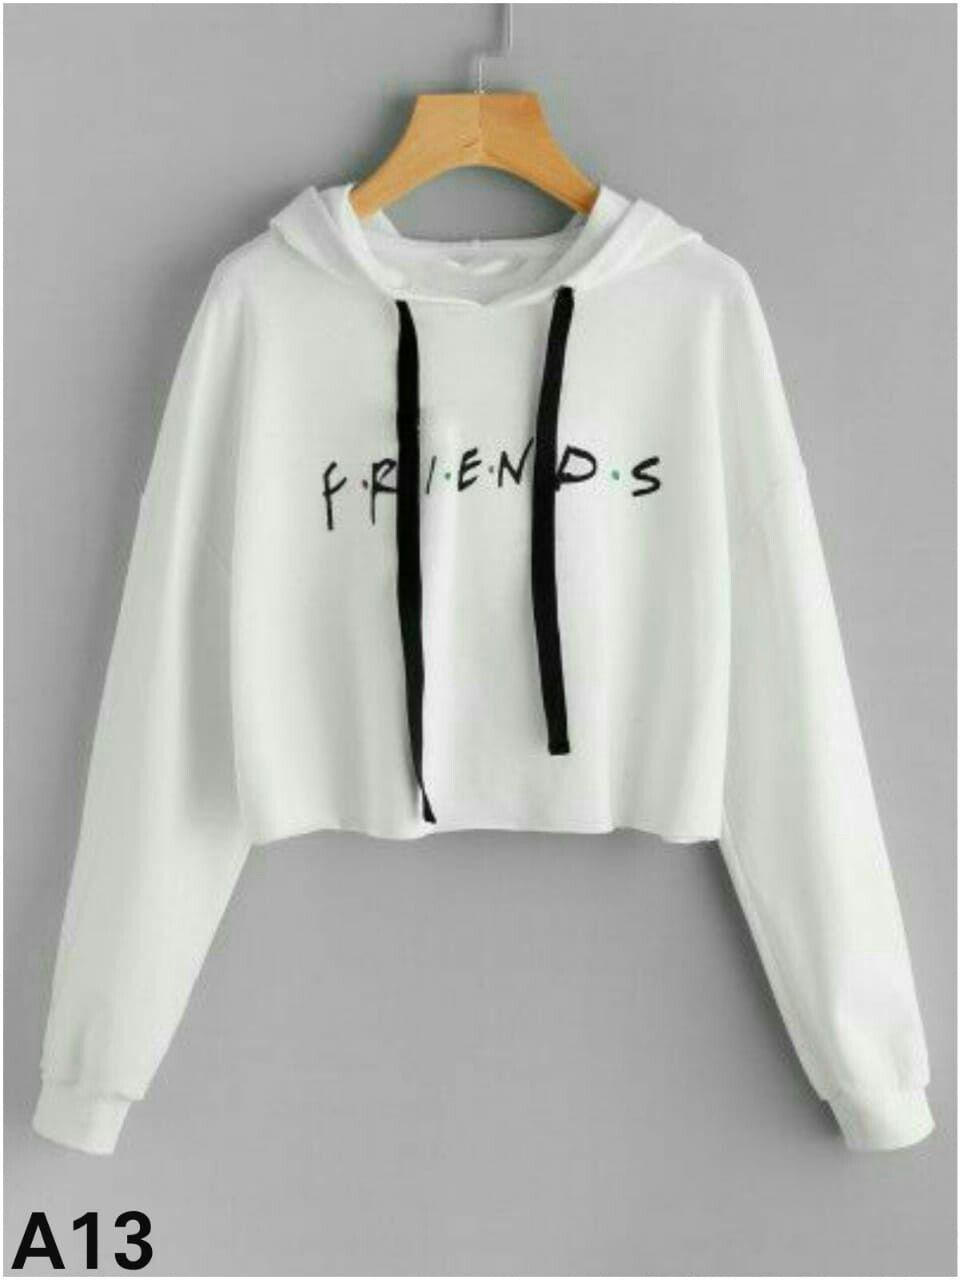 bd49f8c7a321 Ropa que quiero   ropa que quiero   Ropa tumblr, Ropa tmblr y Ropa guay